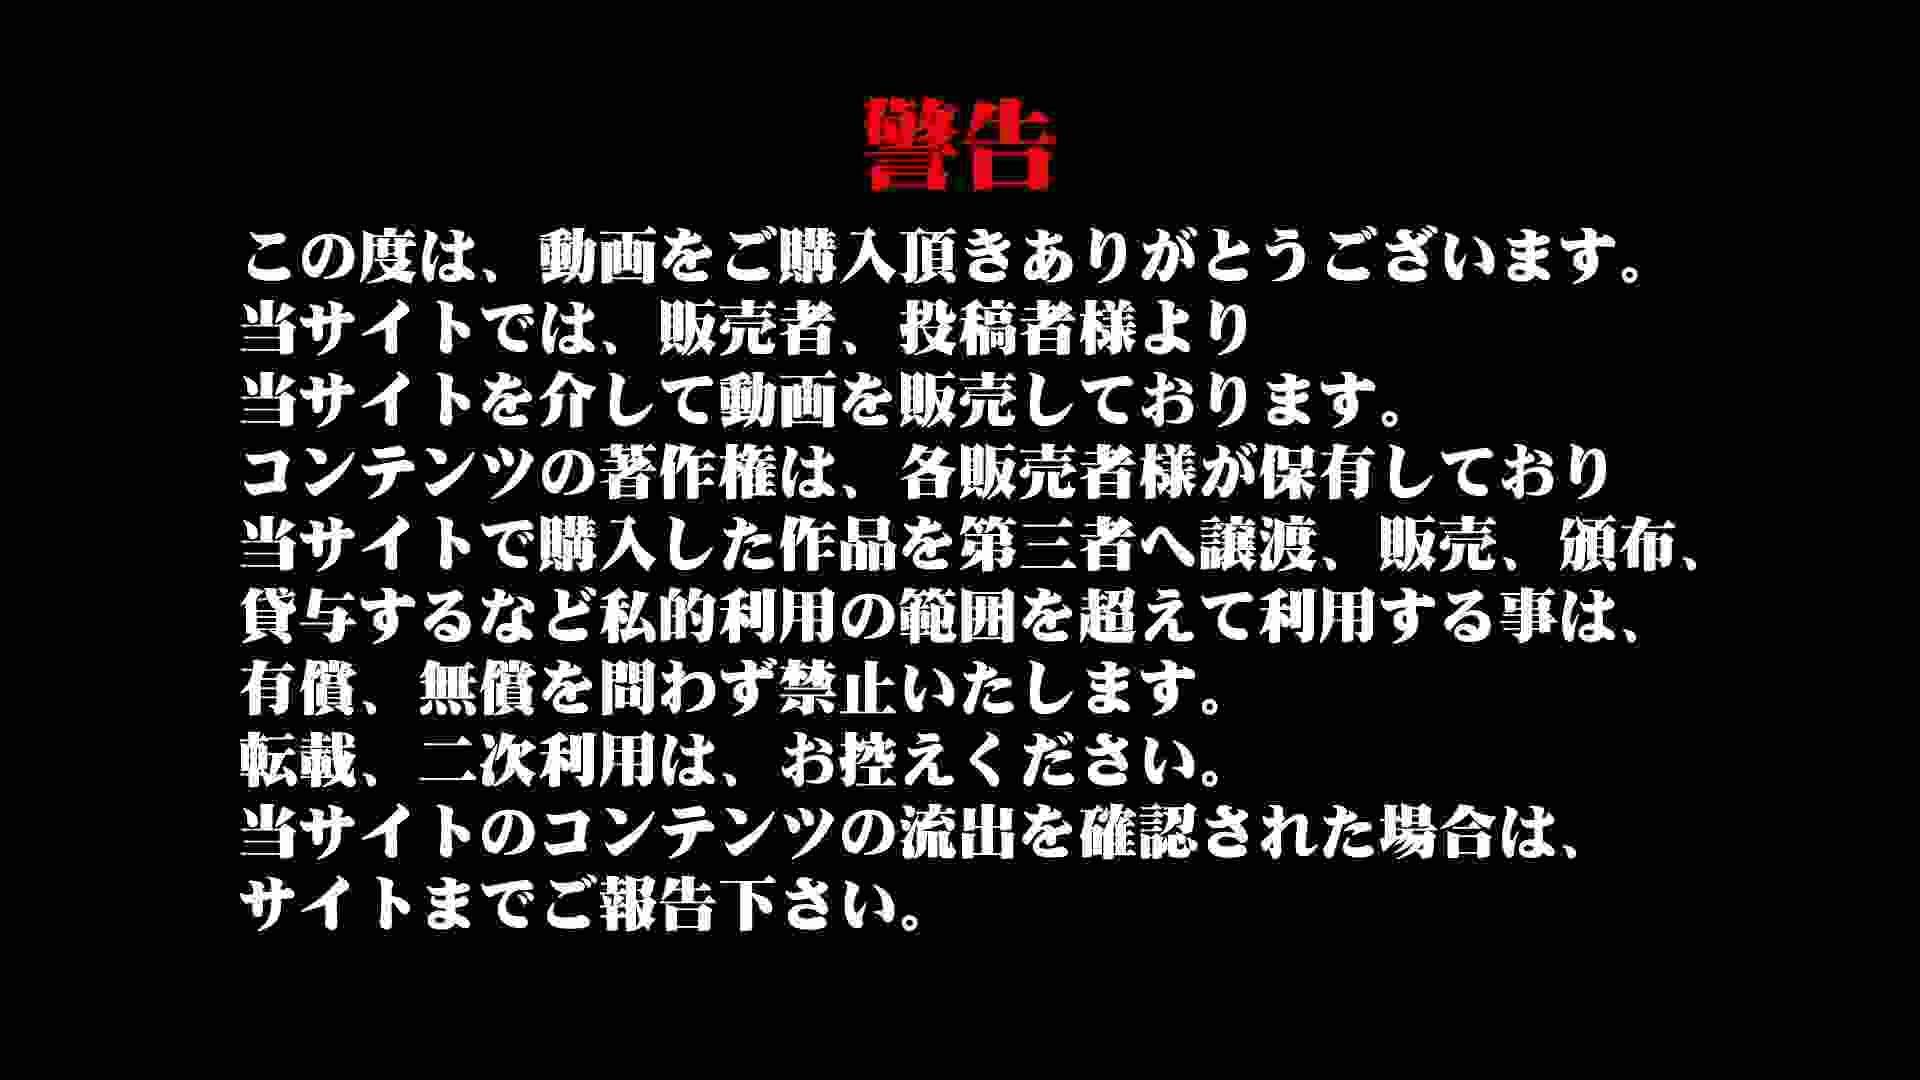 ギャルのツルピカ潜入盗撮!Vol.07 ギャル・コレクション | 盗撮エロすぎ  23連発 1